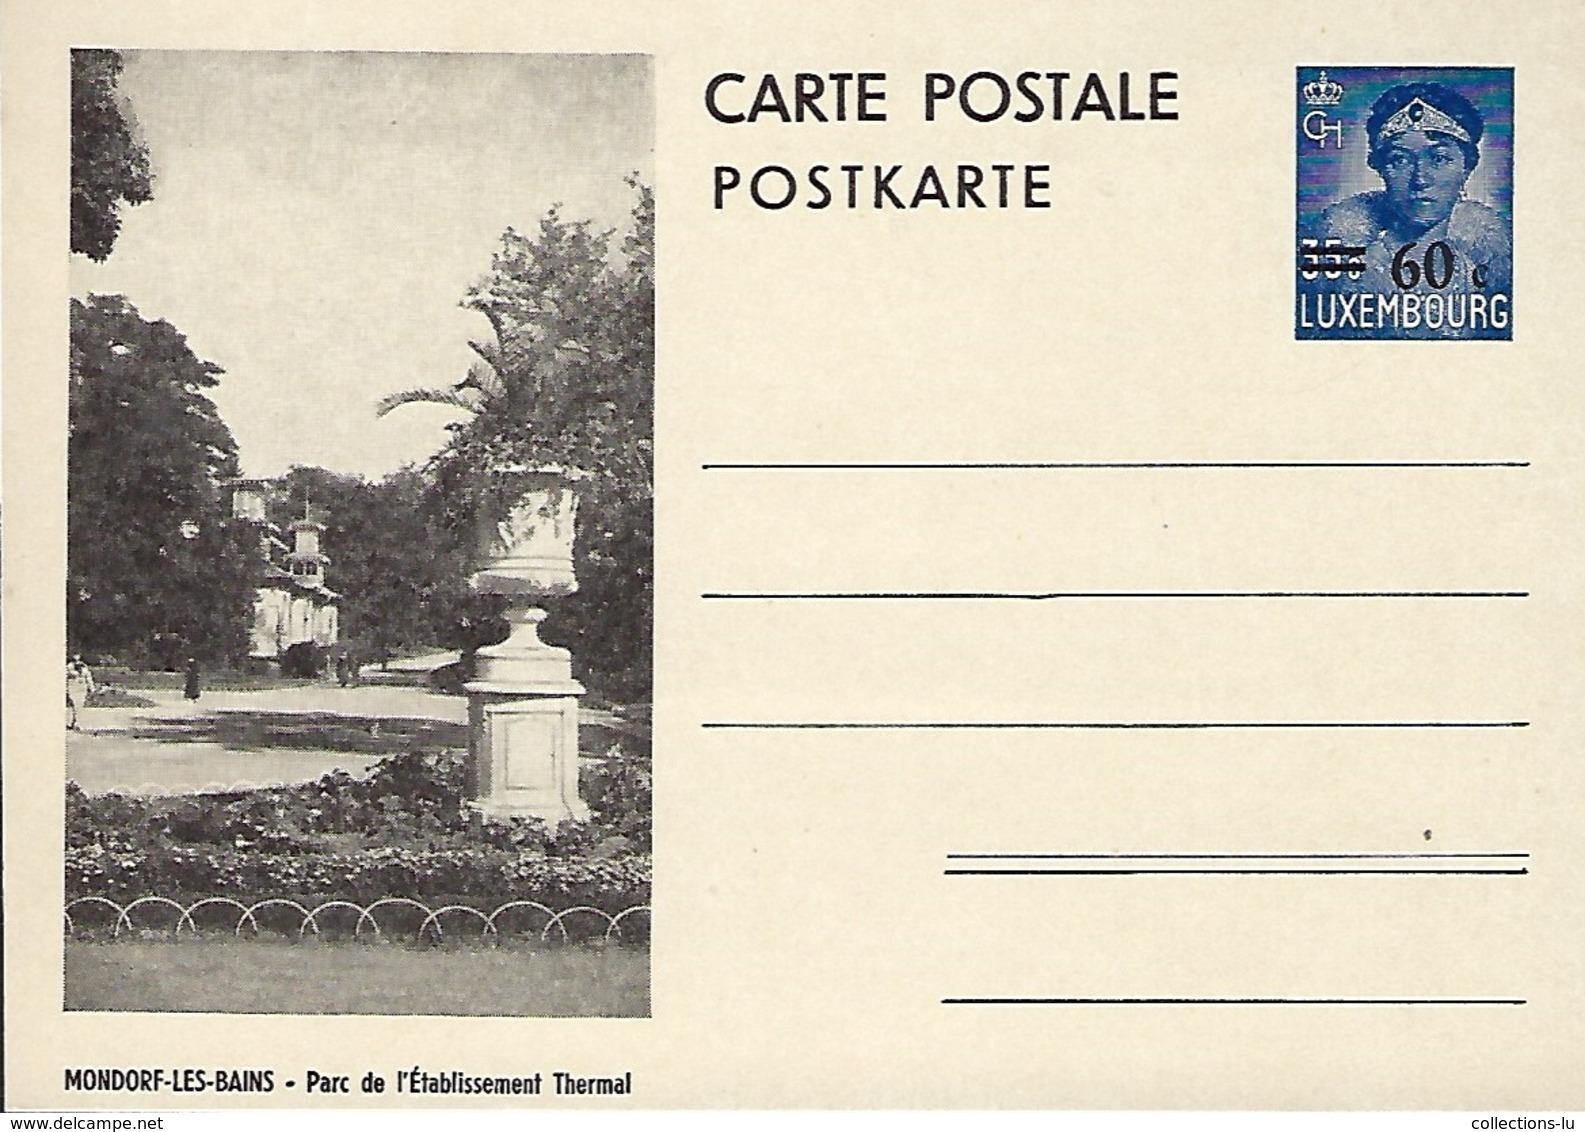 Luxembourg  -  Carte Postale - Postkarten - Mondorf-les-Bains - Parc De L'Établissement Thermal - Entiers Postaux